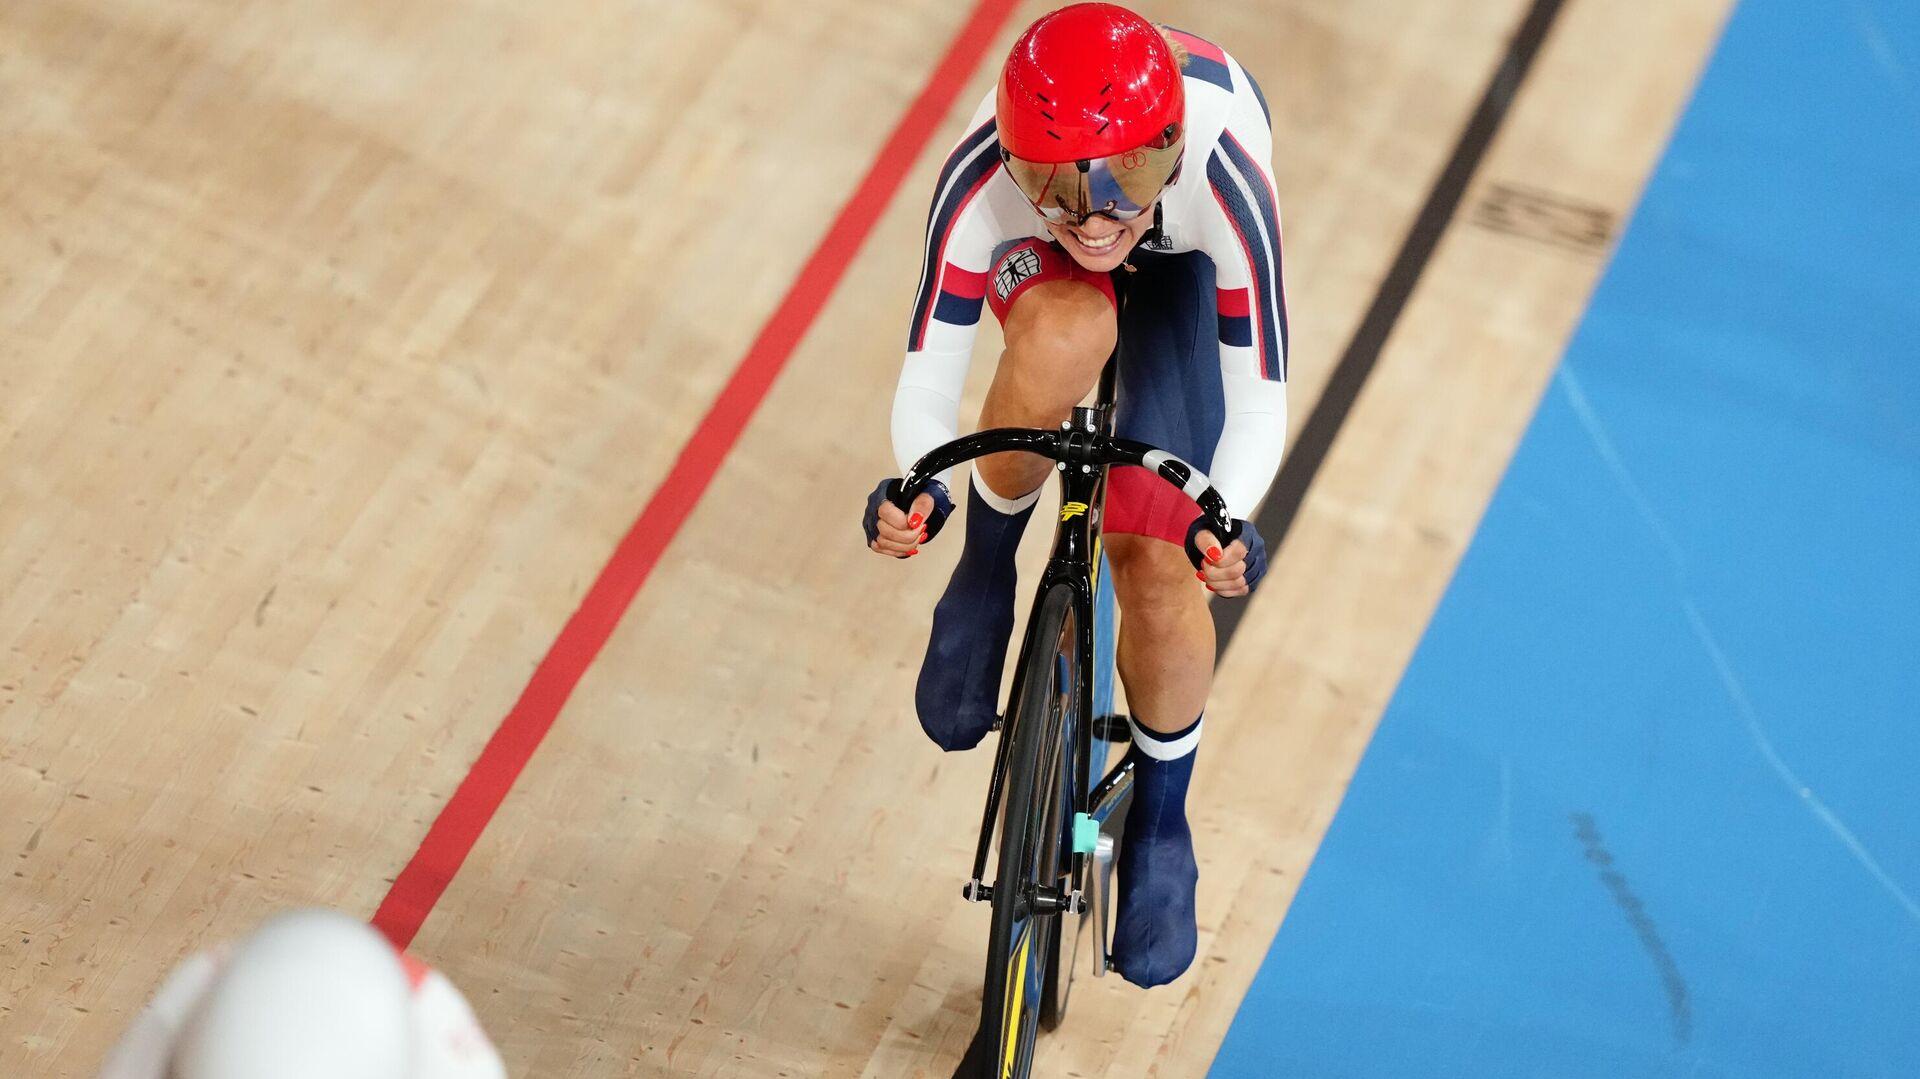 Призер Олимпийских игр в велоспорте на треке Гульназ Хатунцева  - РИА Новости, 1920, 25.09.2021